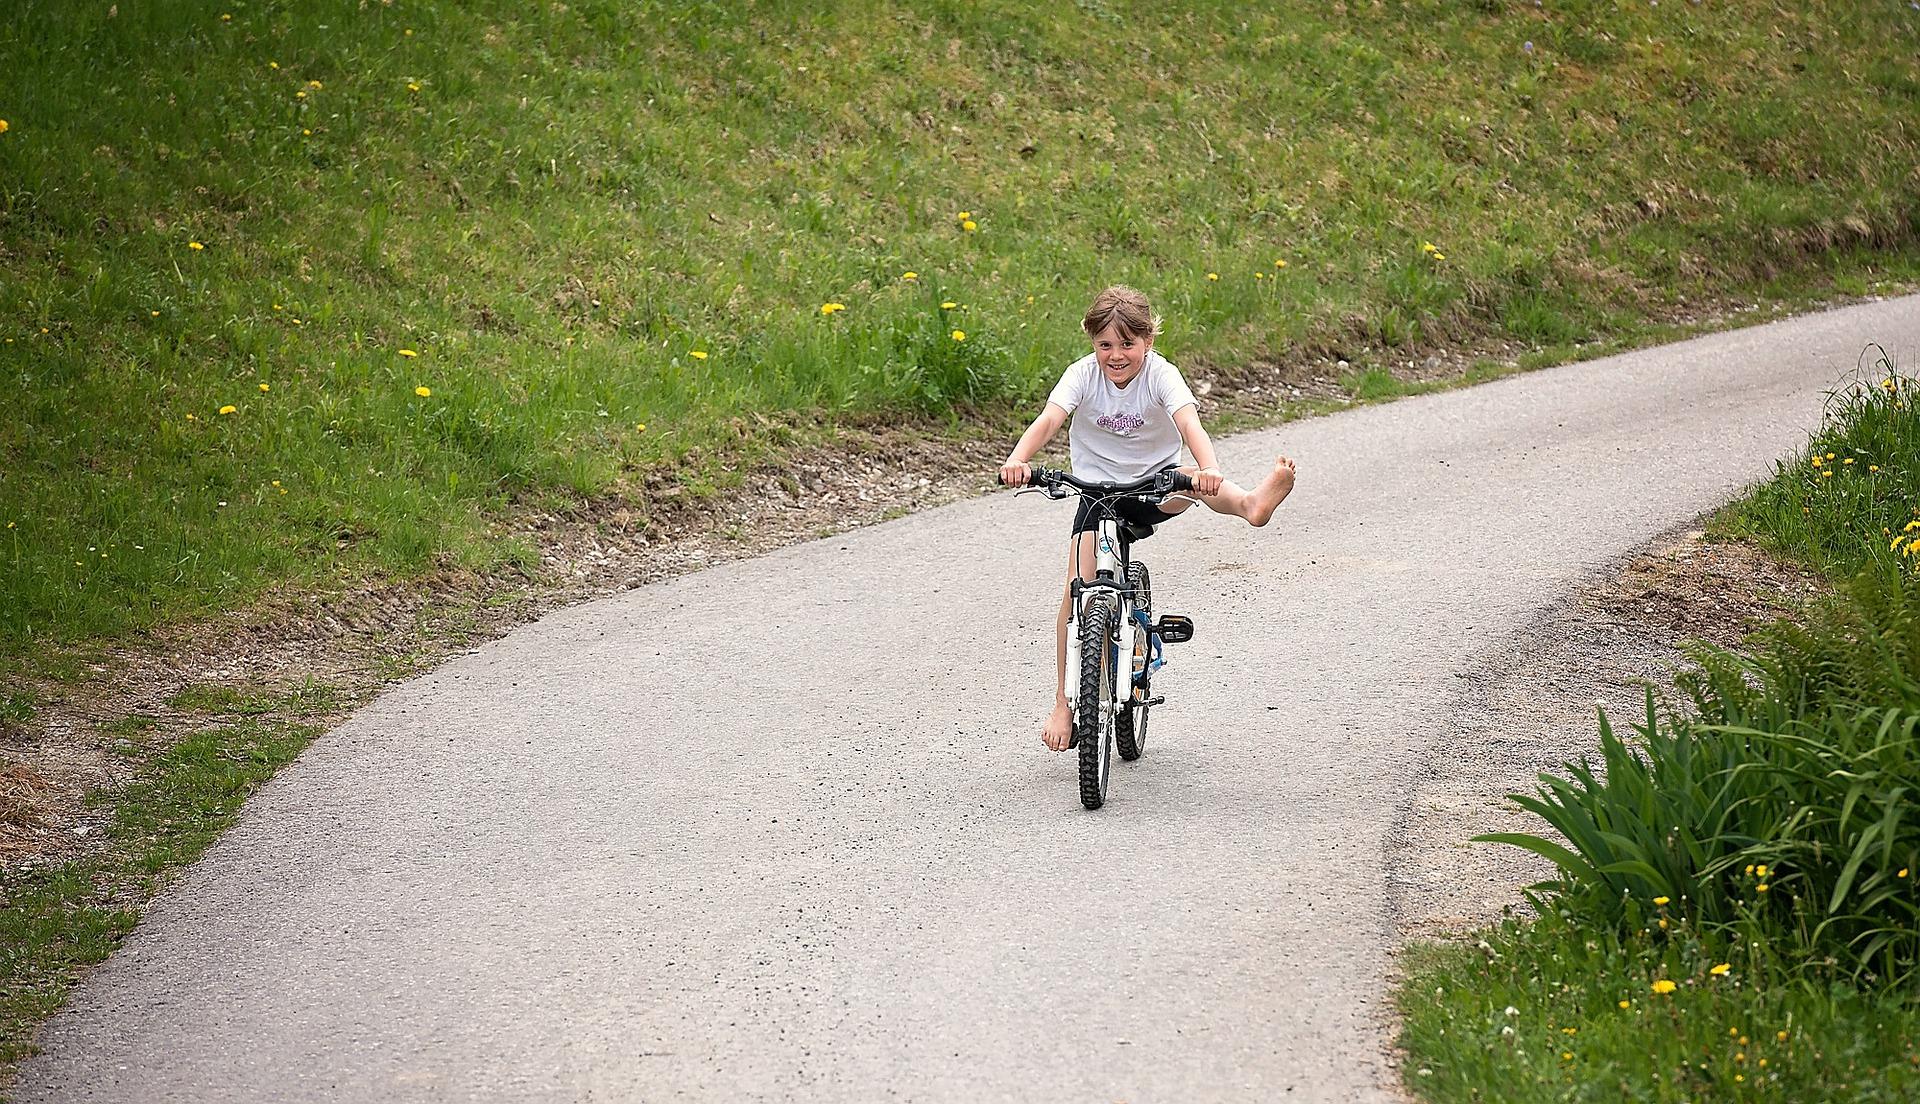 Wie können Kinder am besten Fahrradfahren lernen?